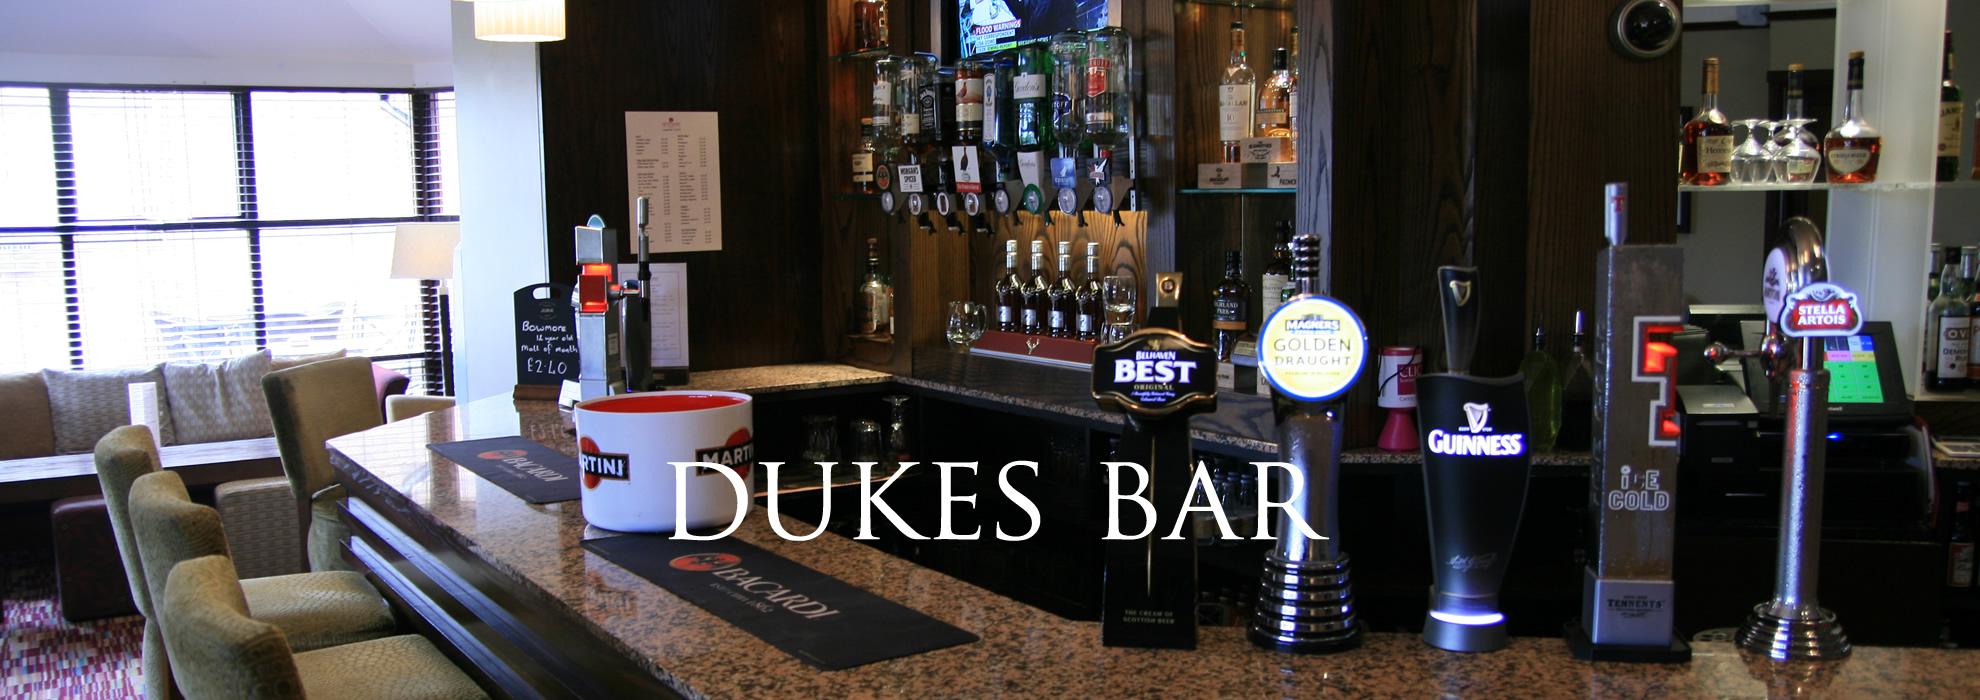 Dukes Bar Dean Park Hotel